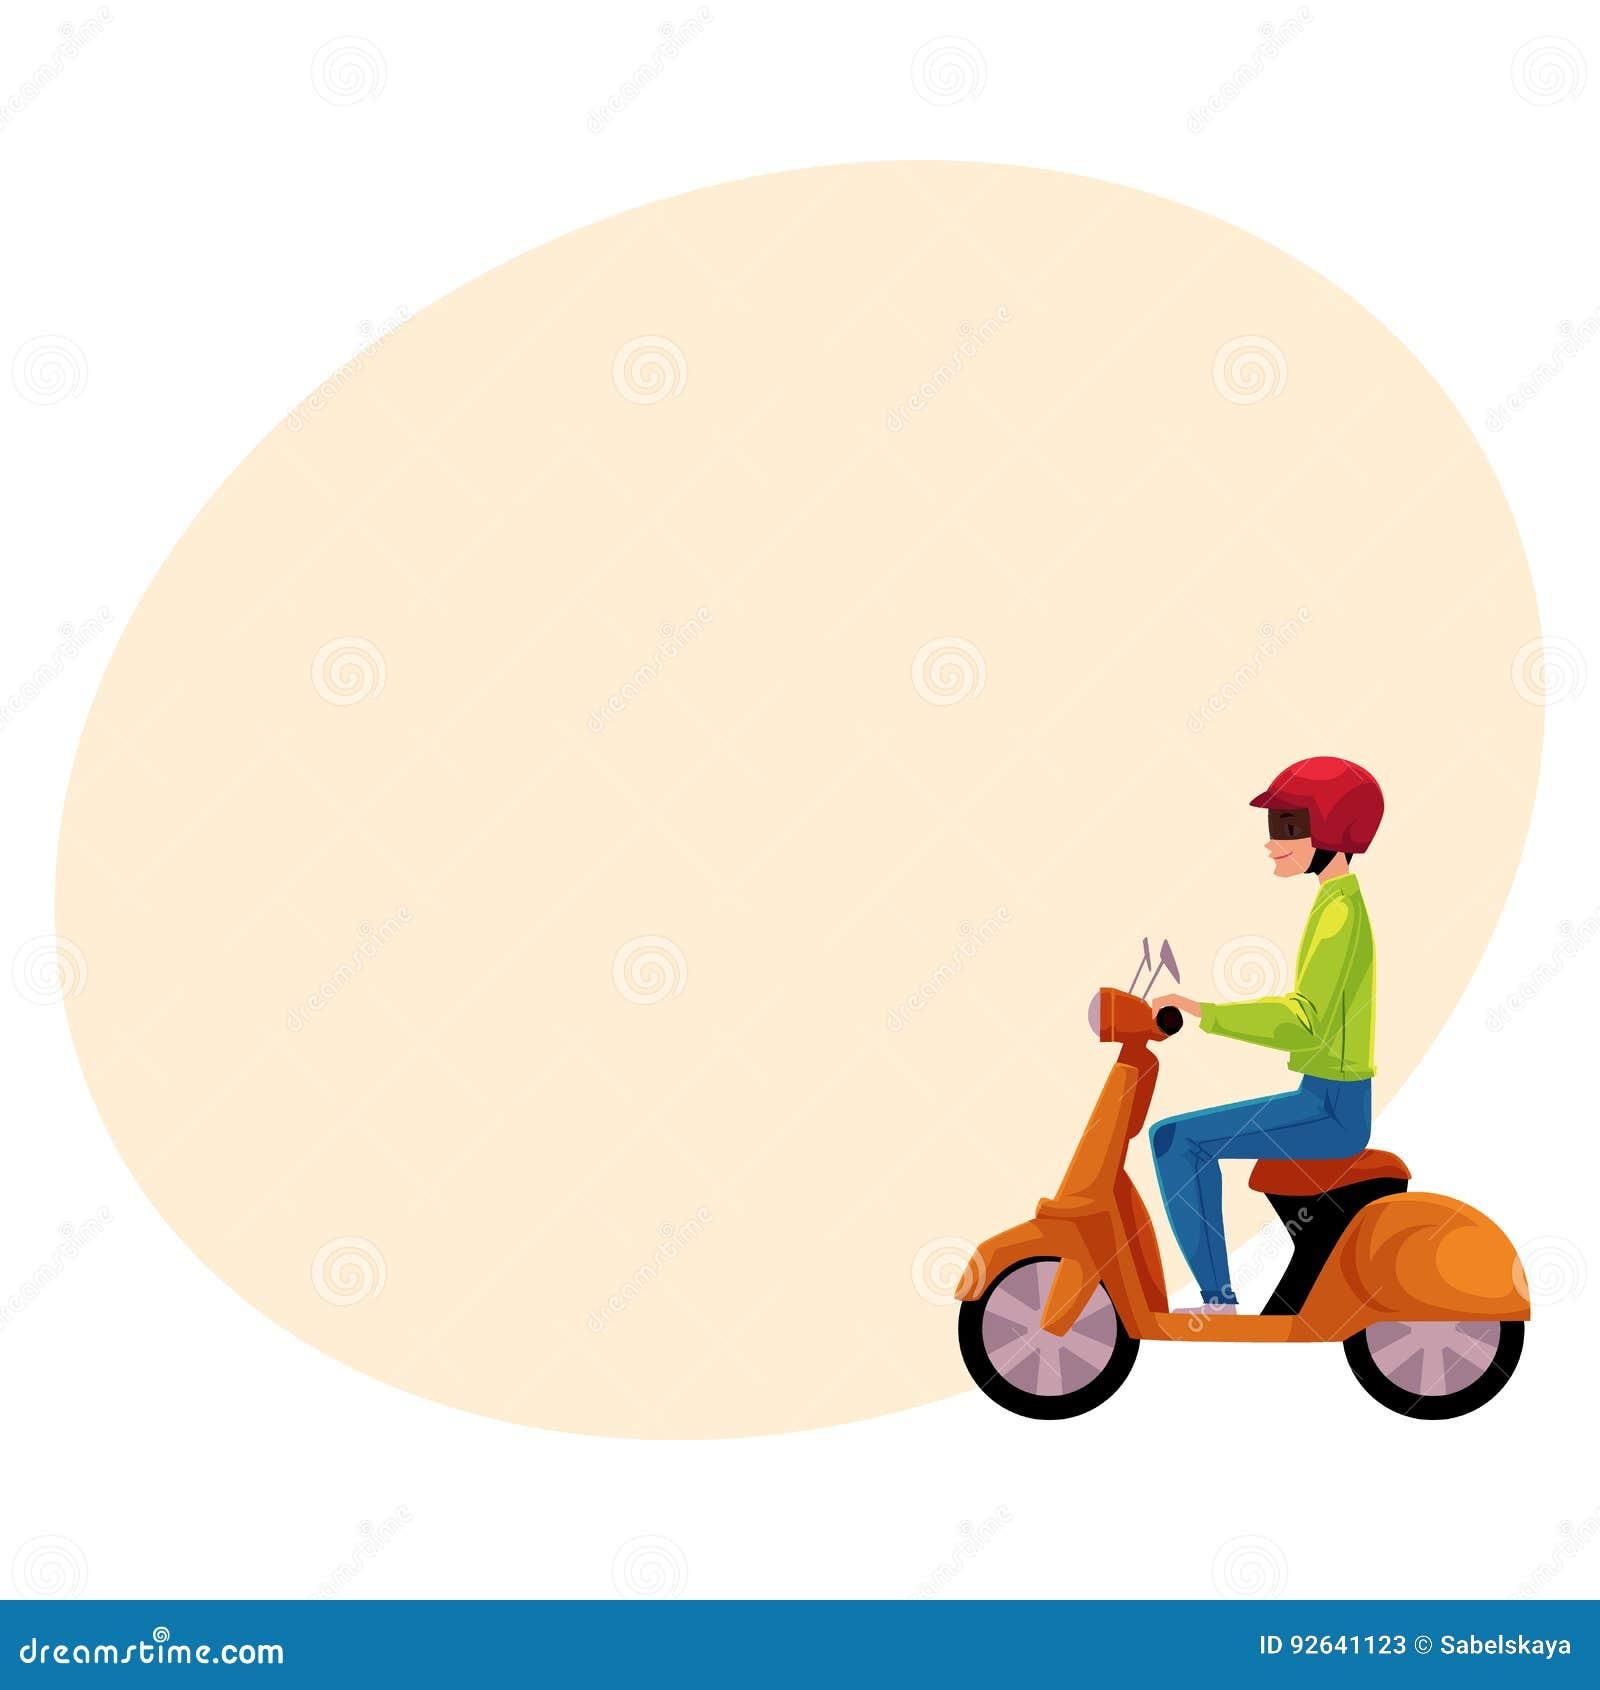 Sparkcykel bärande hjälm för vara nedstämd motorisk cykelryttare, sidovew